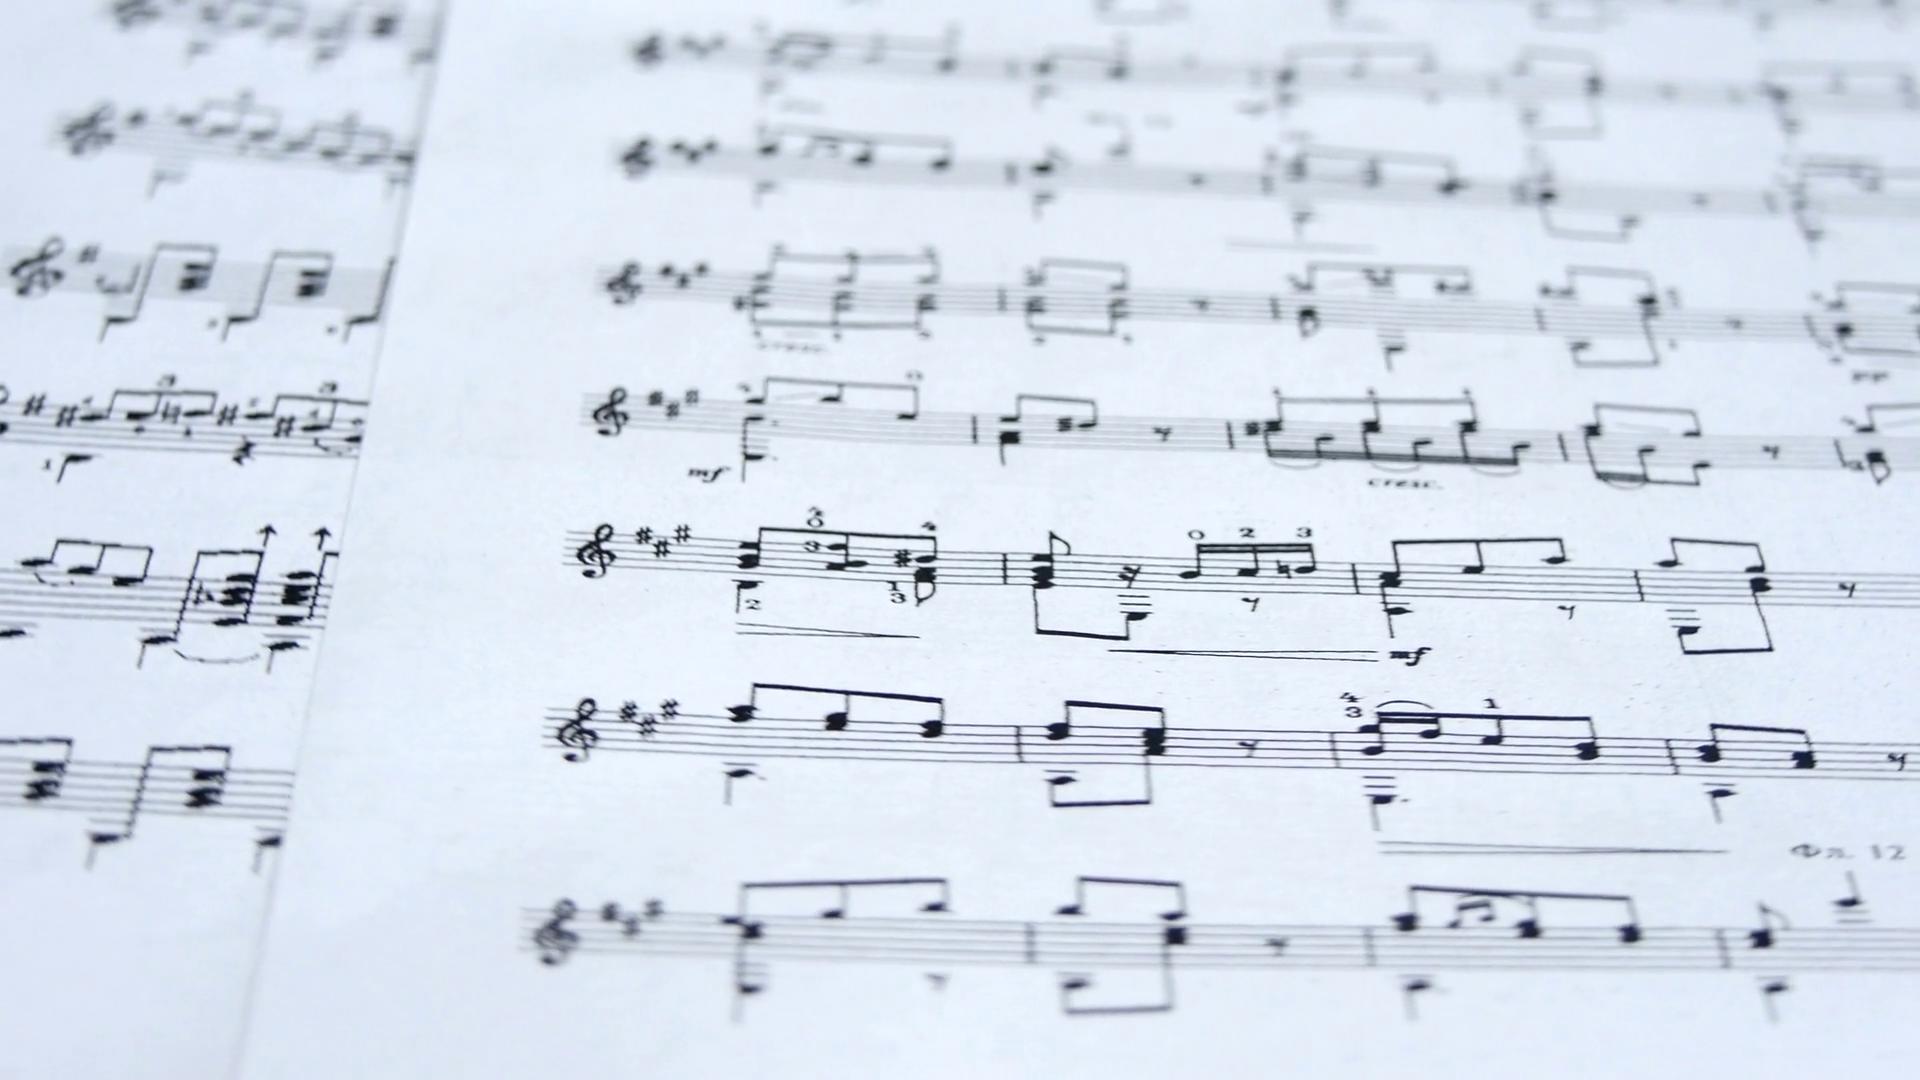 クラシックピアノファン必見!無料で楽譜がDLできるサイトを紹介